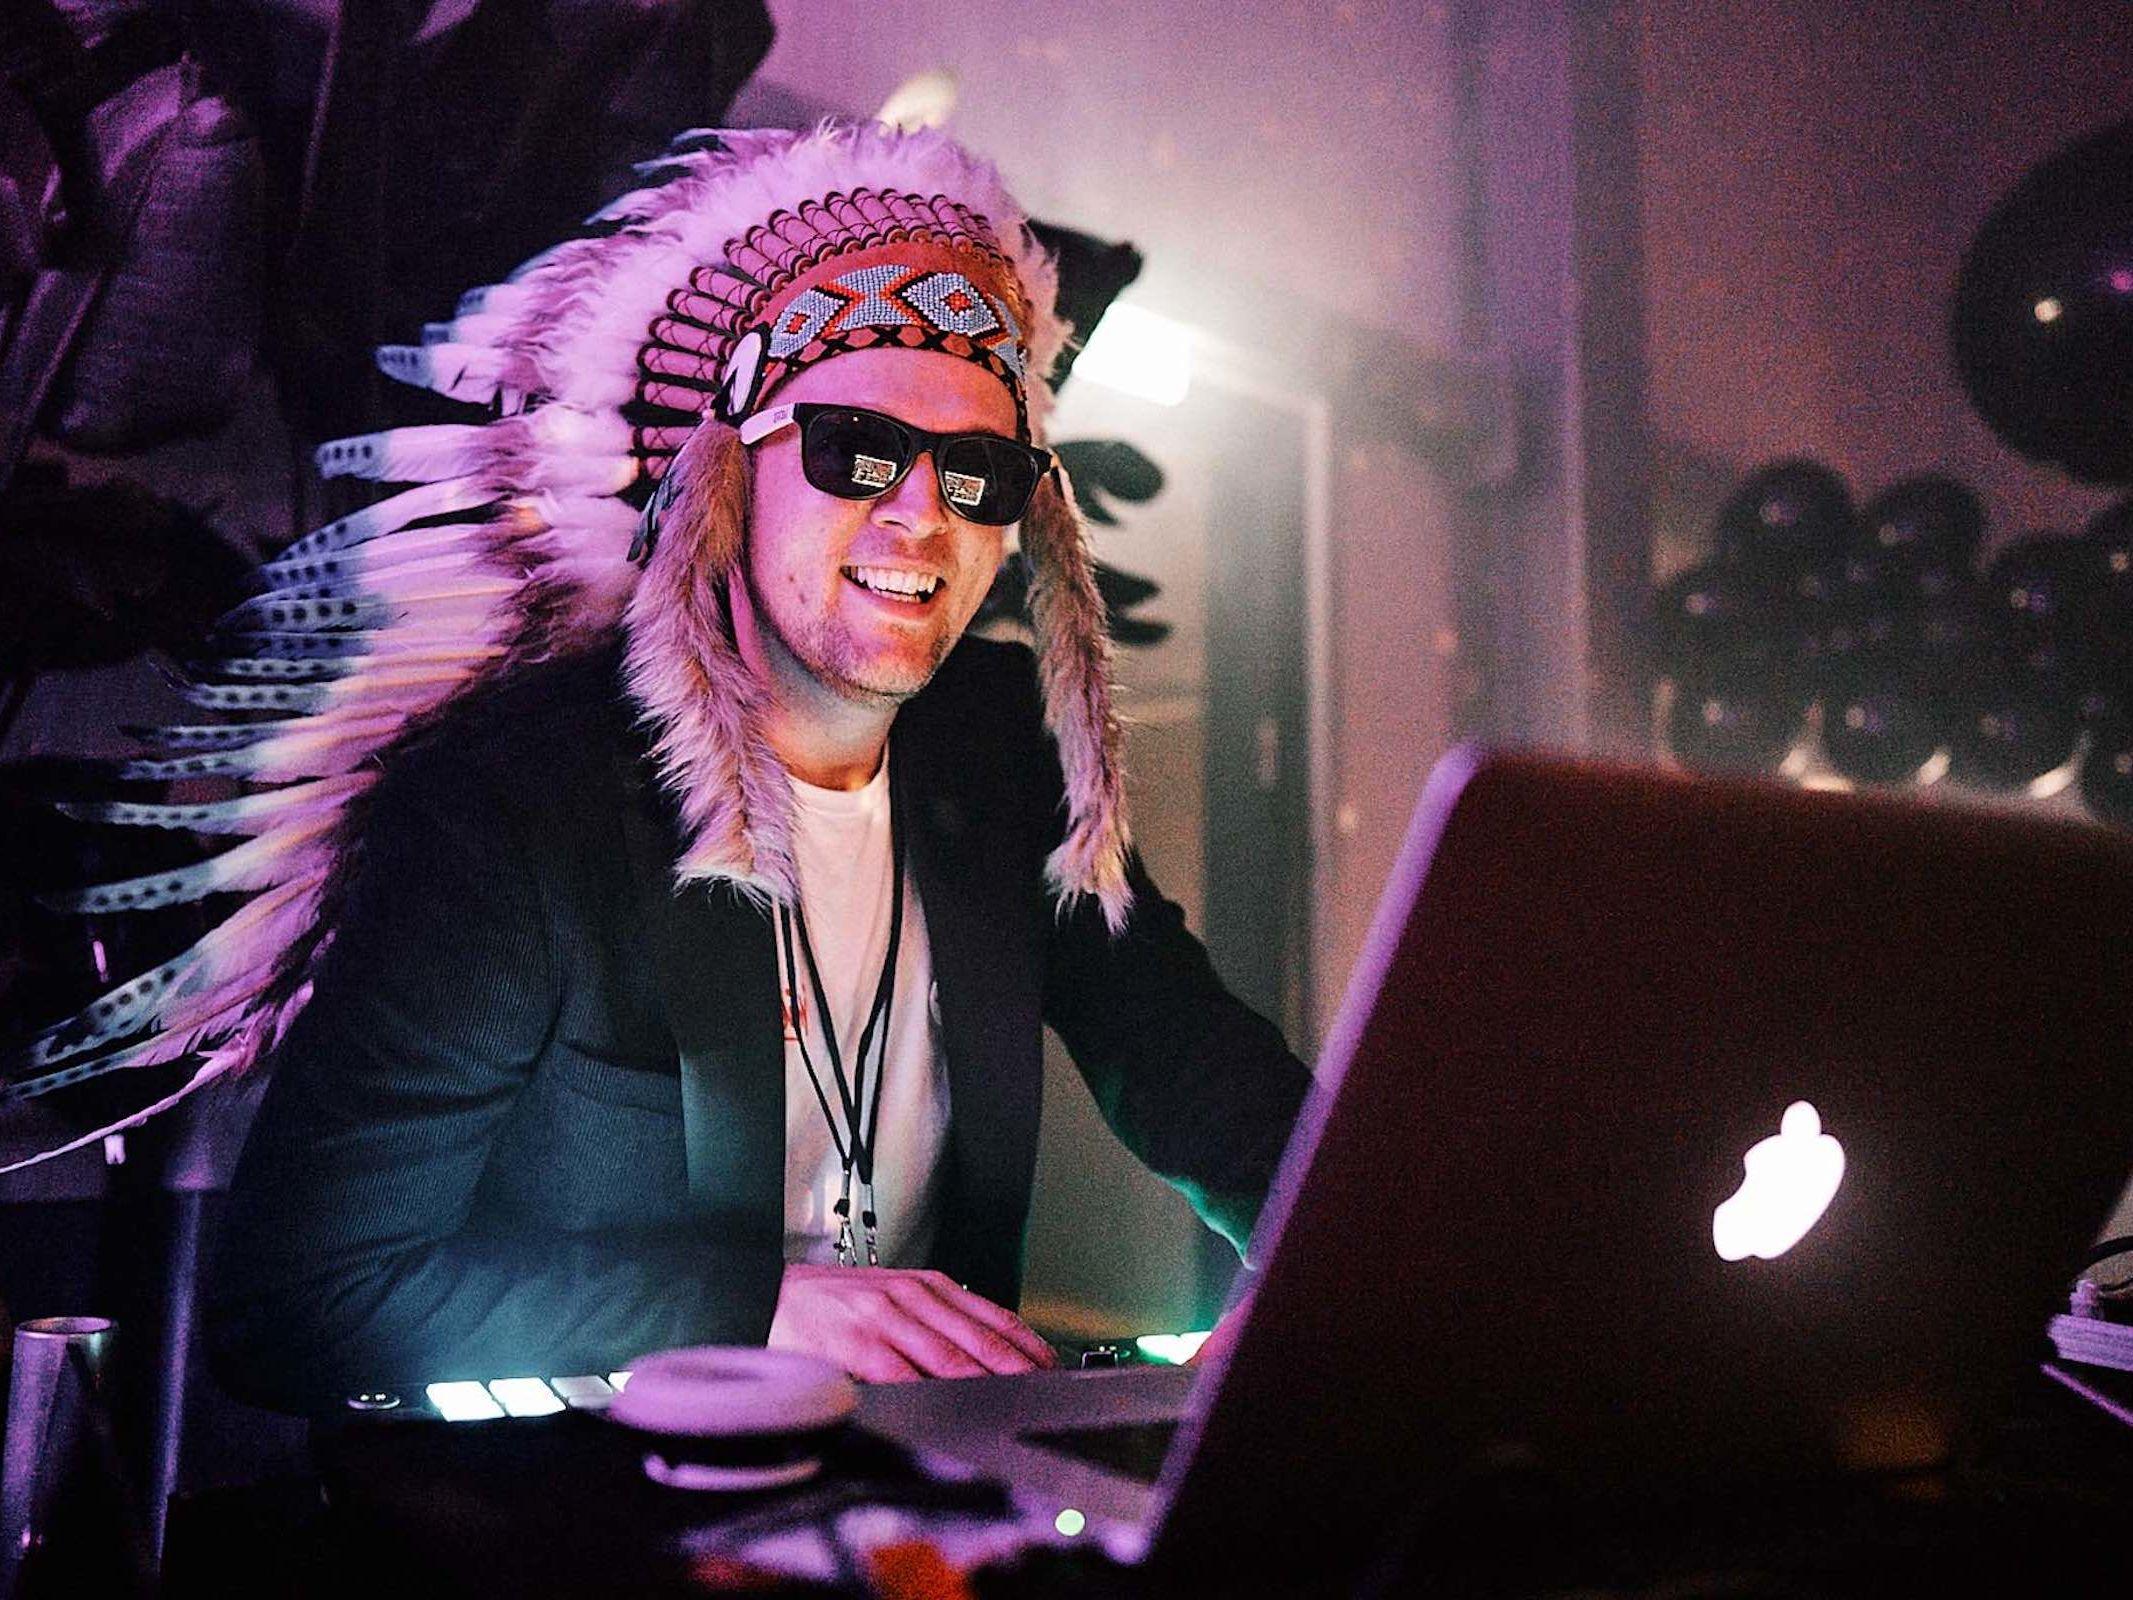 Hochzeits | DJ | Buchen | Hannover | Timm | Lehmann | DJ | Hochzeit | DJ | Geburtstag | DJ | Betriebsfeier | DJ | Buchen | Discjockey | Mieten | DJ | Agentur | Lehmann | Eventservice